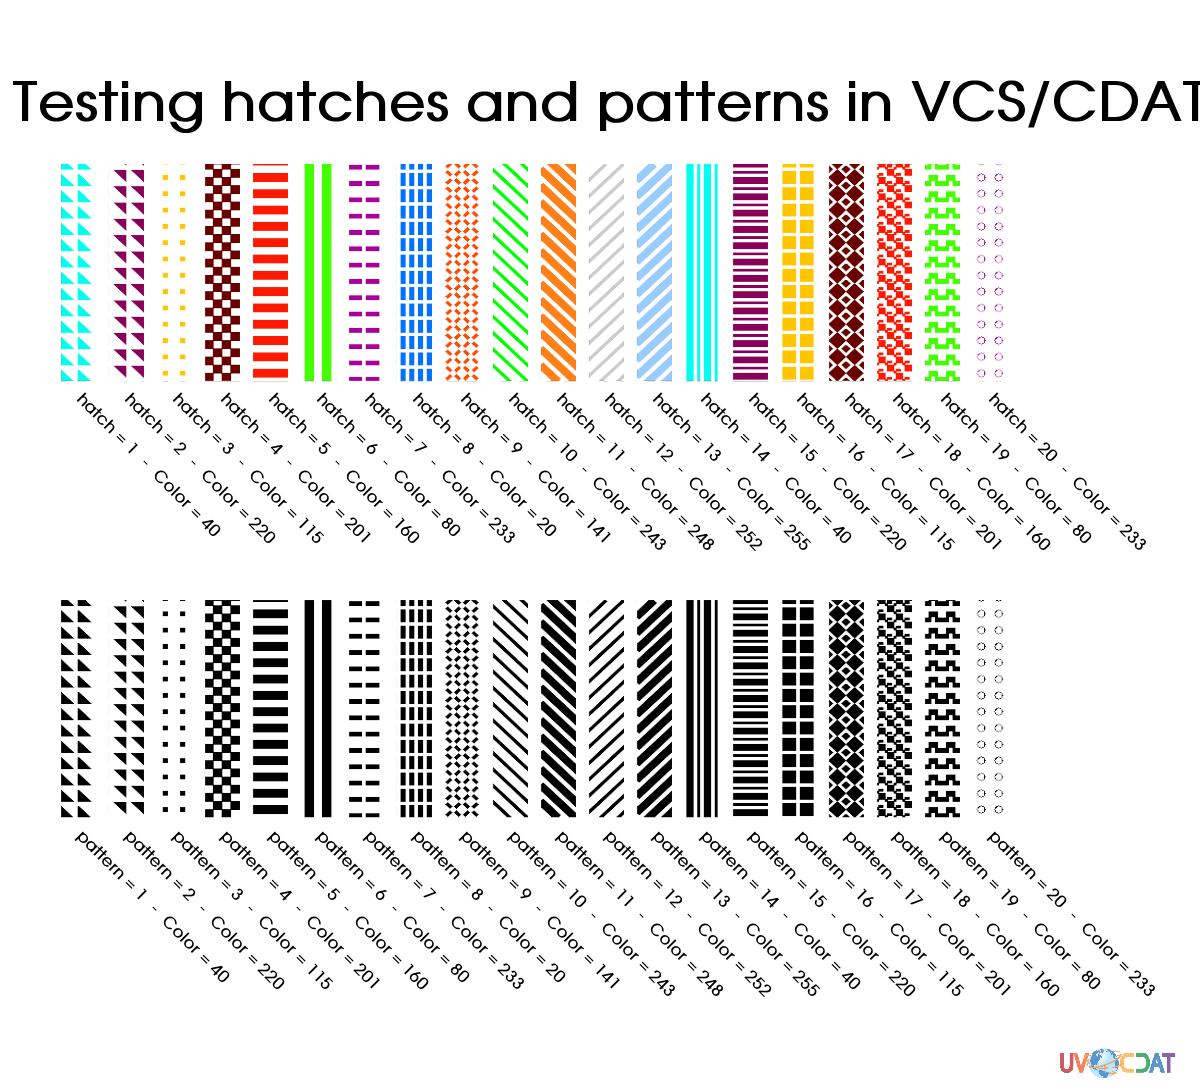 Patterns/hatches in UV-CDAT